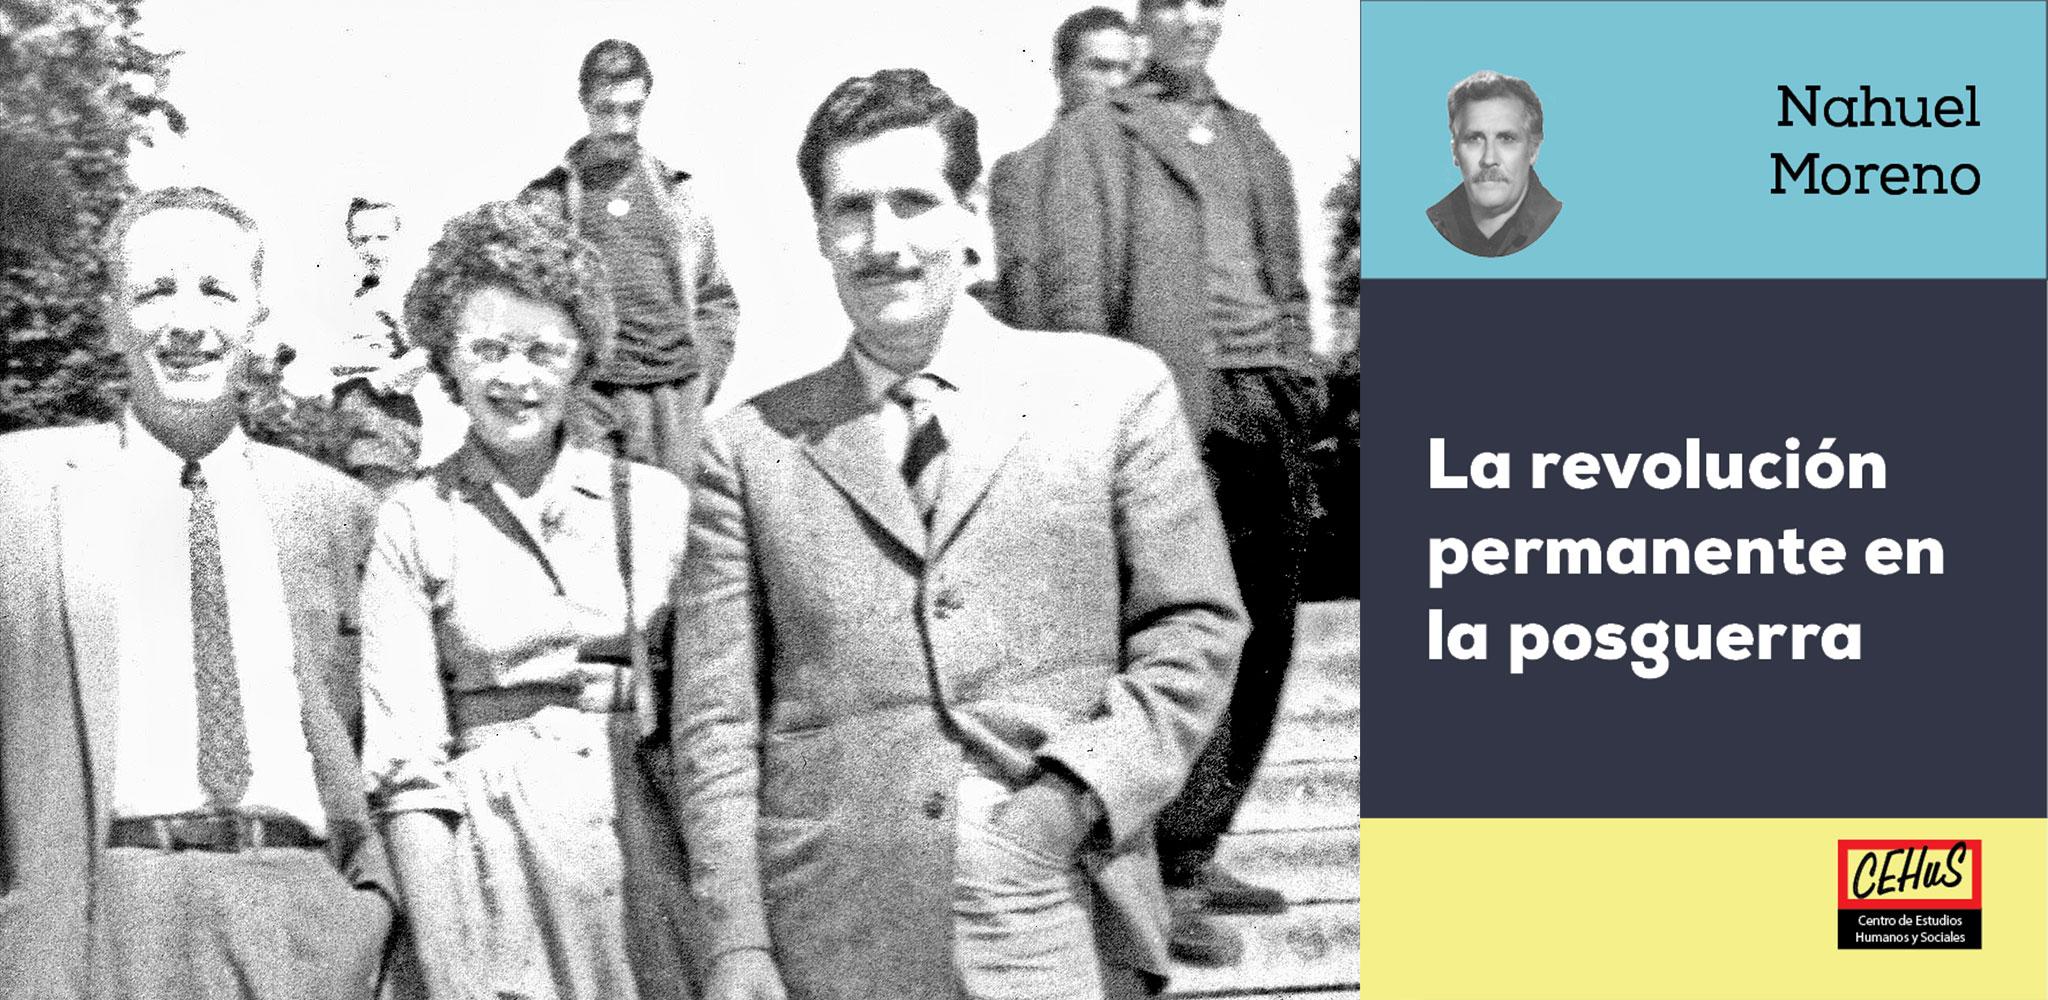 LA REVOLUCIÓN PERMANENTE EN LA POSGUERRA (1958)